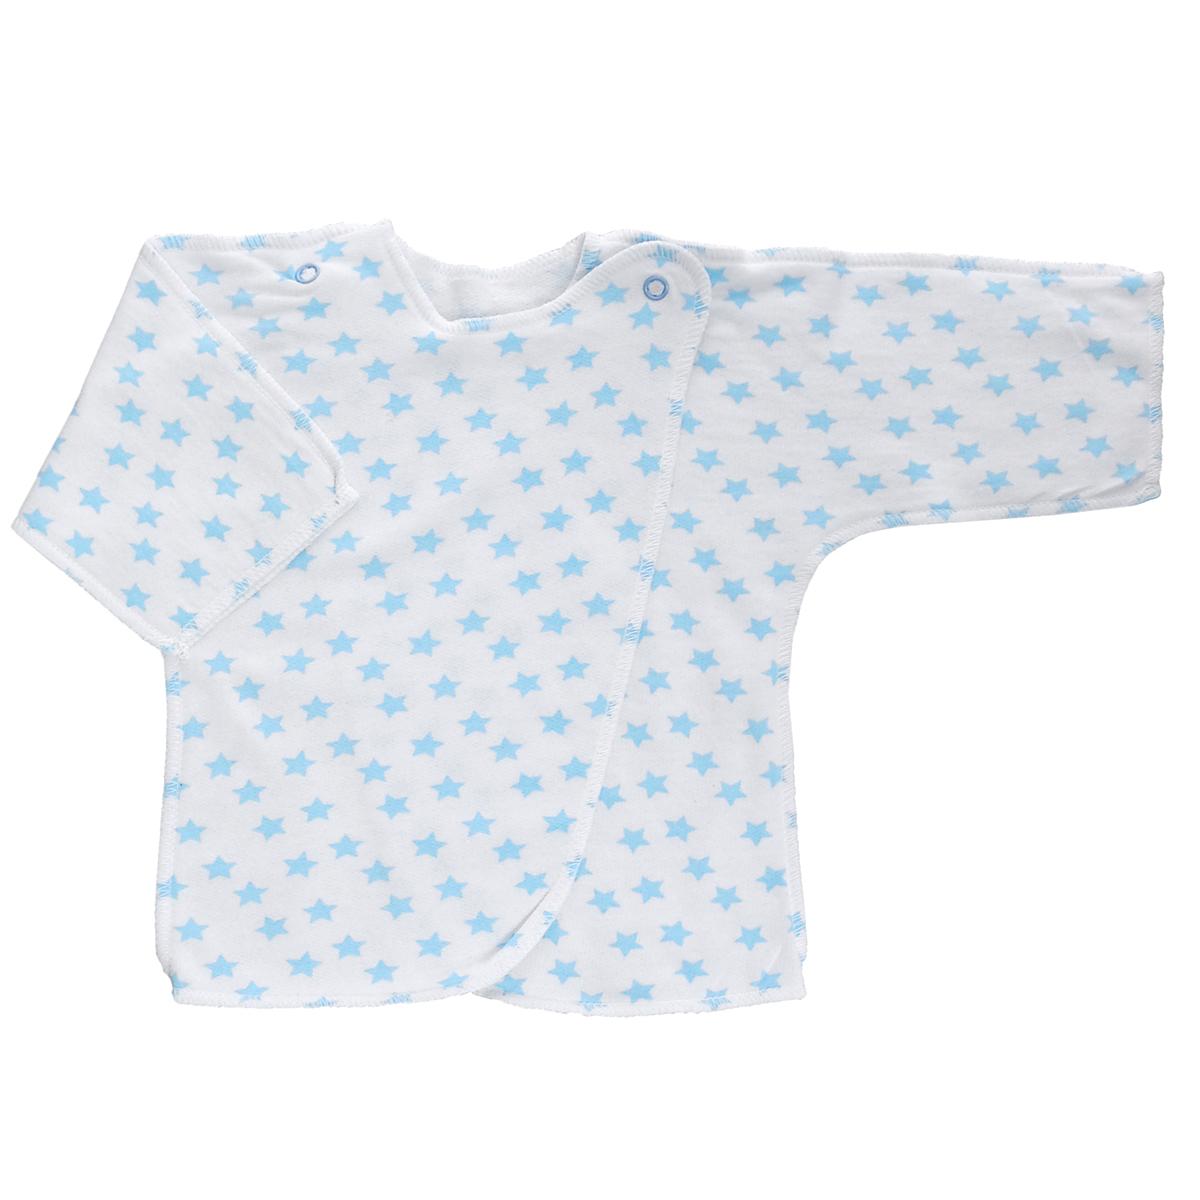 Распашонка. 50225022Распашонка Трон-плюс послужит идеальным дополнением к гардеробу младенца. Распашонка с рукавами-кимоно, выполненная швами наружу, изготовлена из футера - натурального хлопка, благодаря чему она необычайно мягкая и легкая, не раздражает нежную кожу ребенка и хорошо вентилируется, а эластичные швы приятны телу малыша и не препятствуют его движениям. Распашонка с запахом, застегивается при помощи двух кнопок на плечах, которые позволяют без труда переодеть ребенка. Распашонка полностью соответствует особенностям жизни ребенка в ранний период, не стесняя и не ограничивая его в движениях.